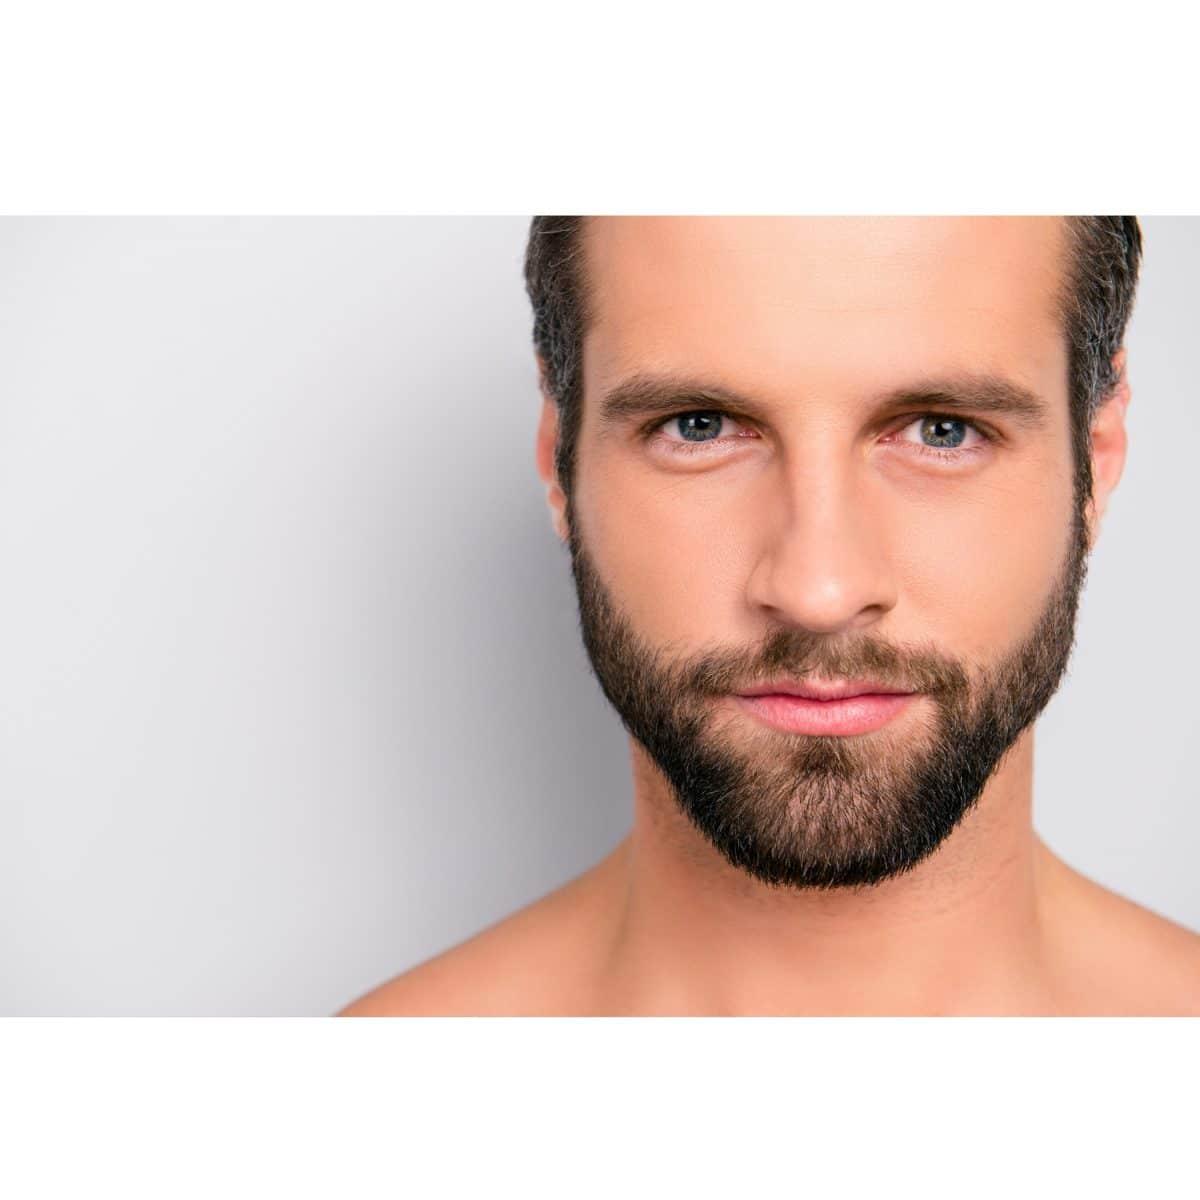 Baardverzorging tips voor een gezonde baard